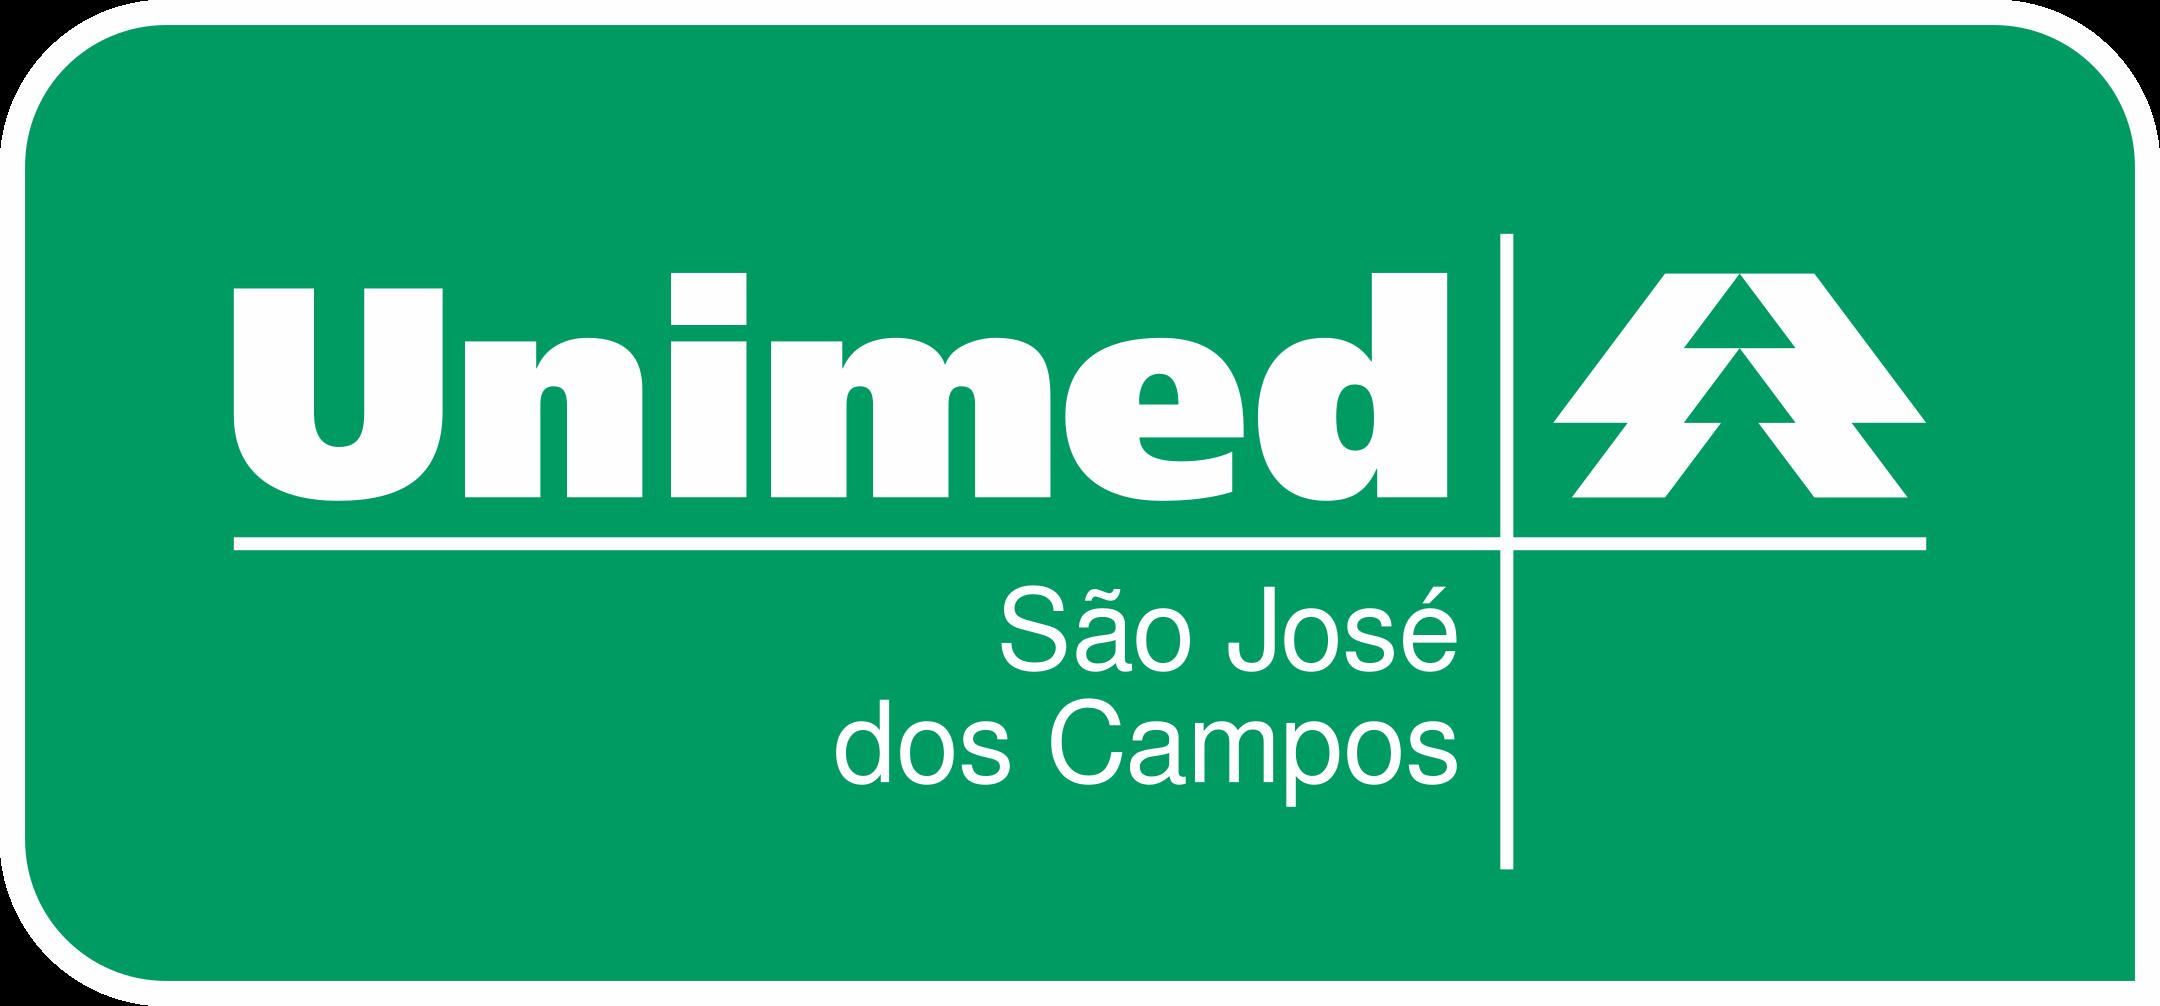 unimed sao josedos campos logo 1 - Unimed São José dos Campos Logo